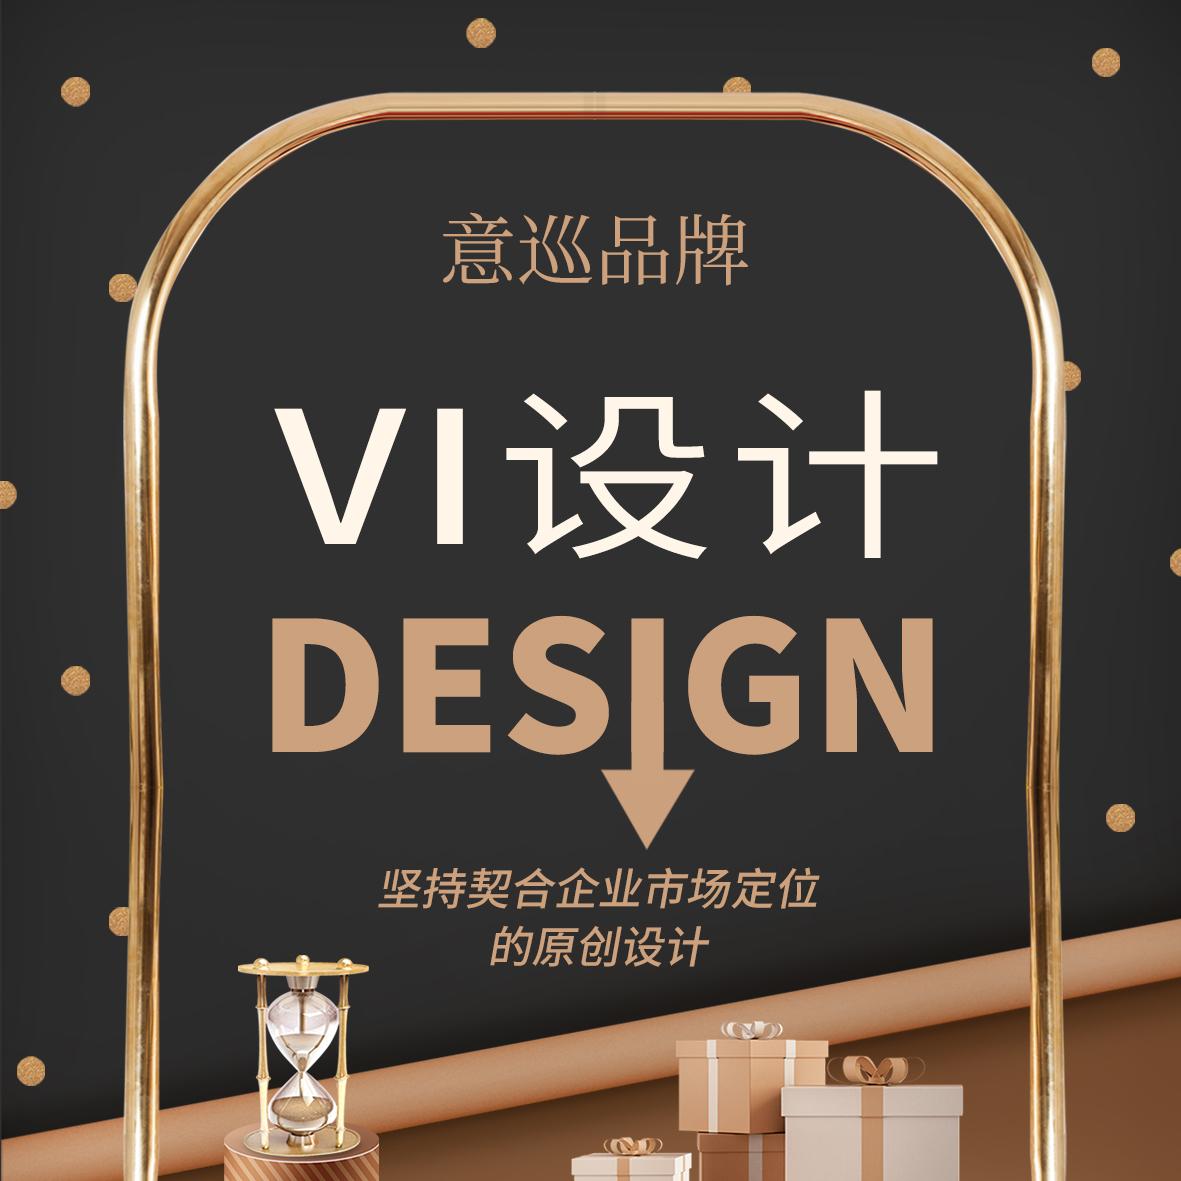 vi设计vi导视系统宣传物料设计vis